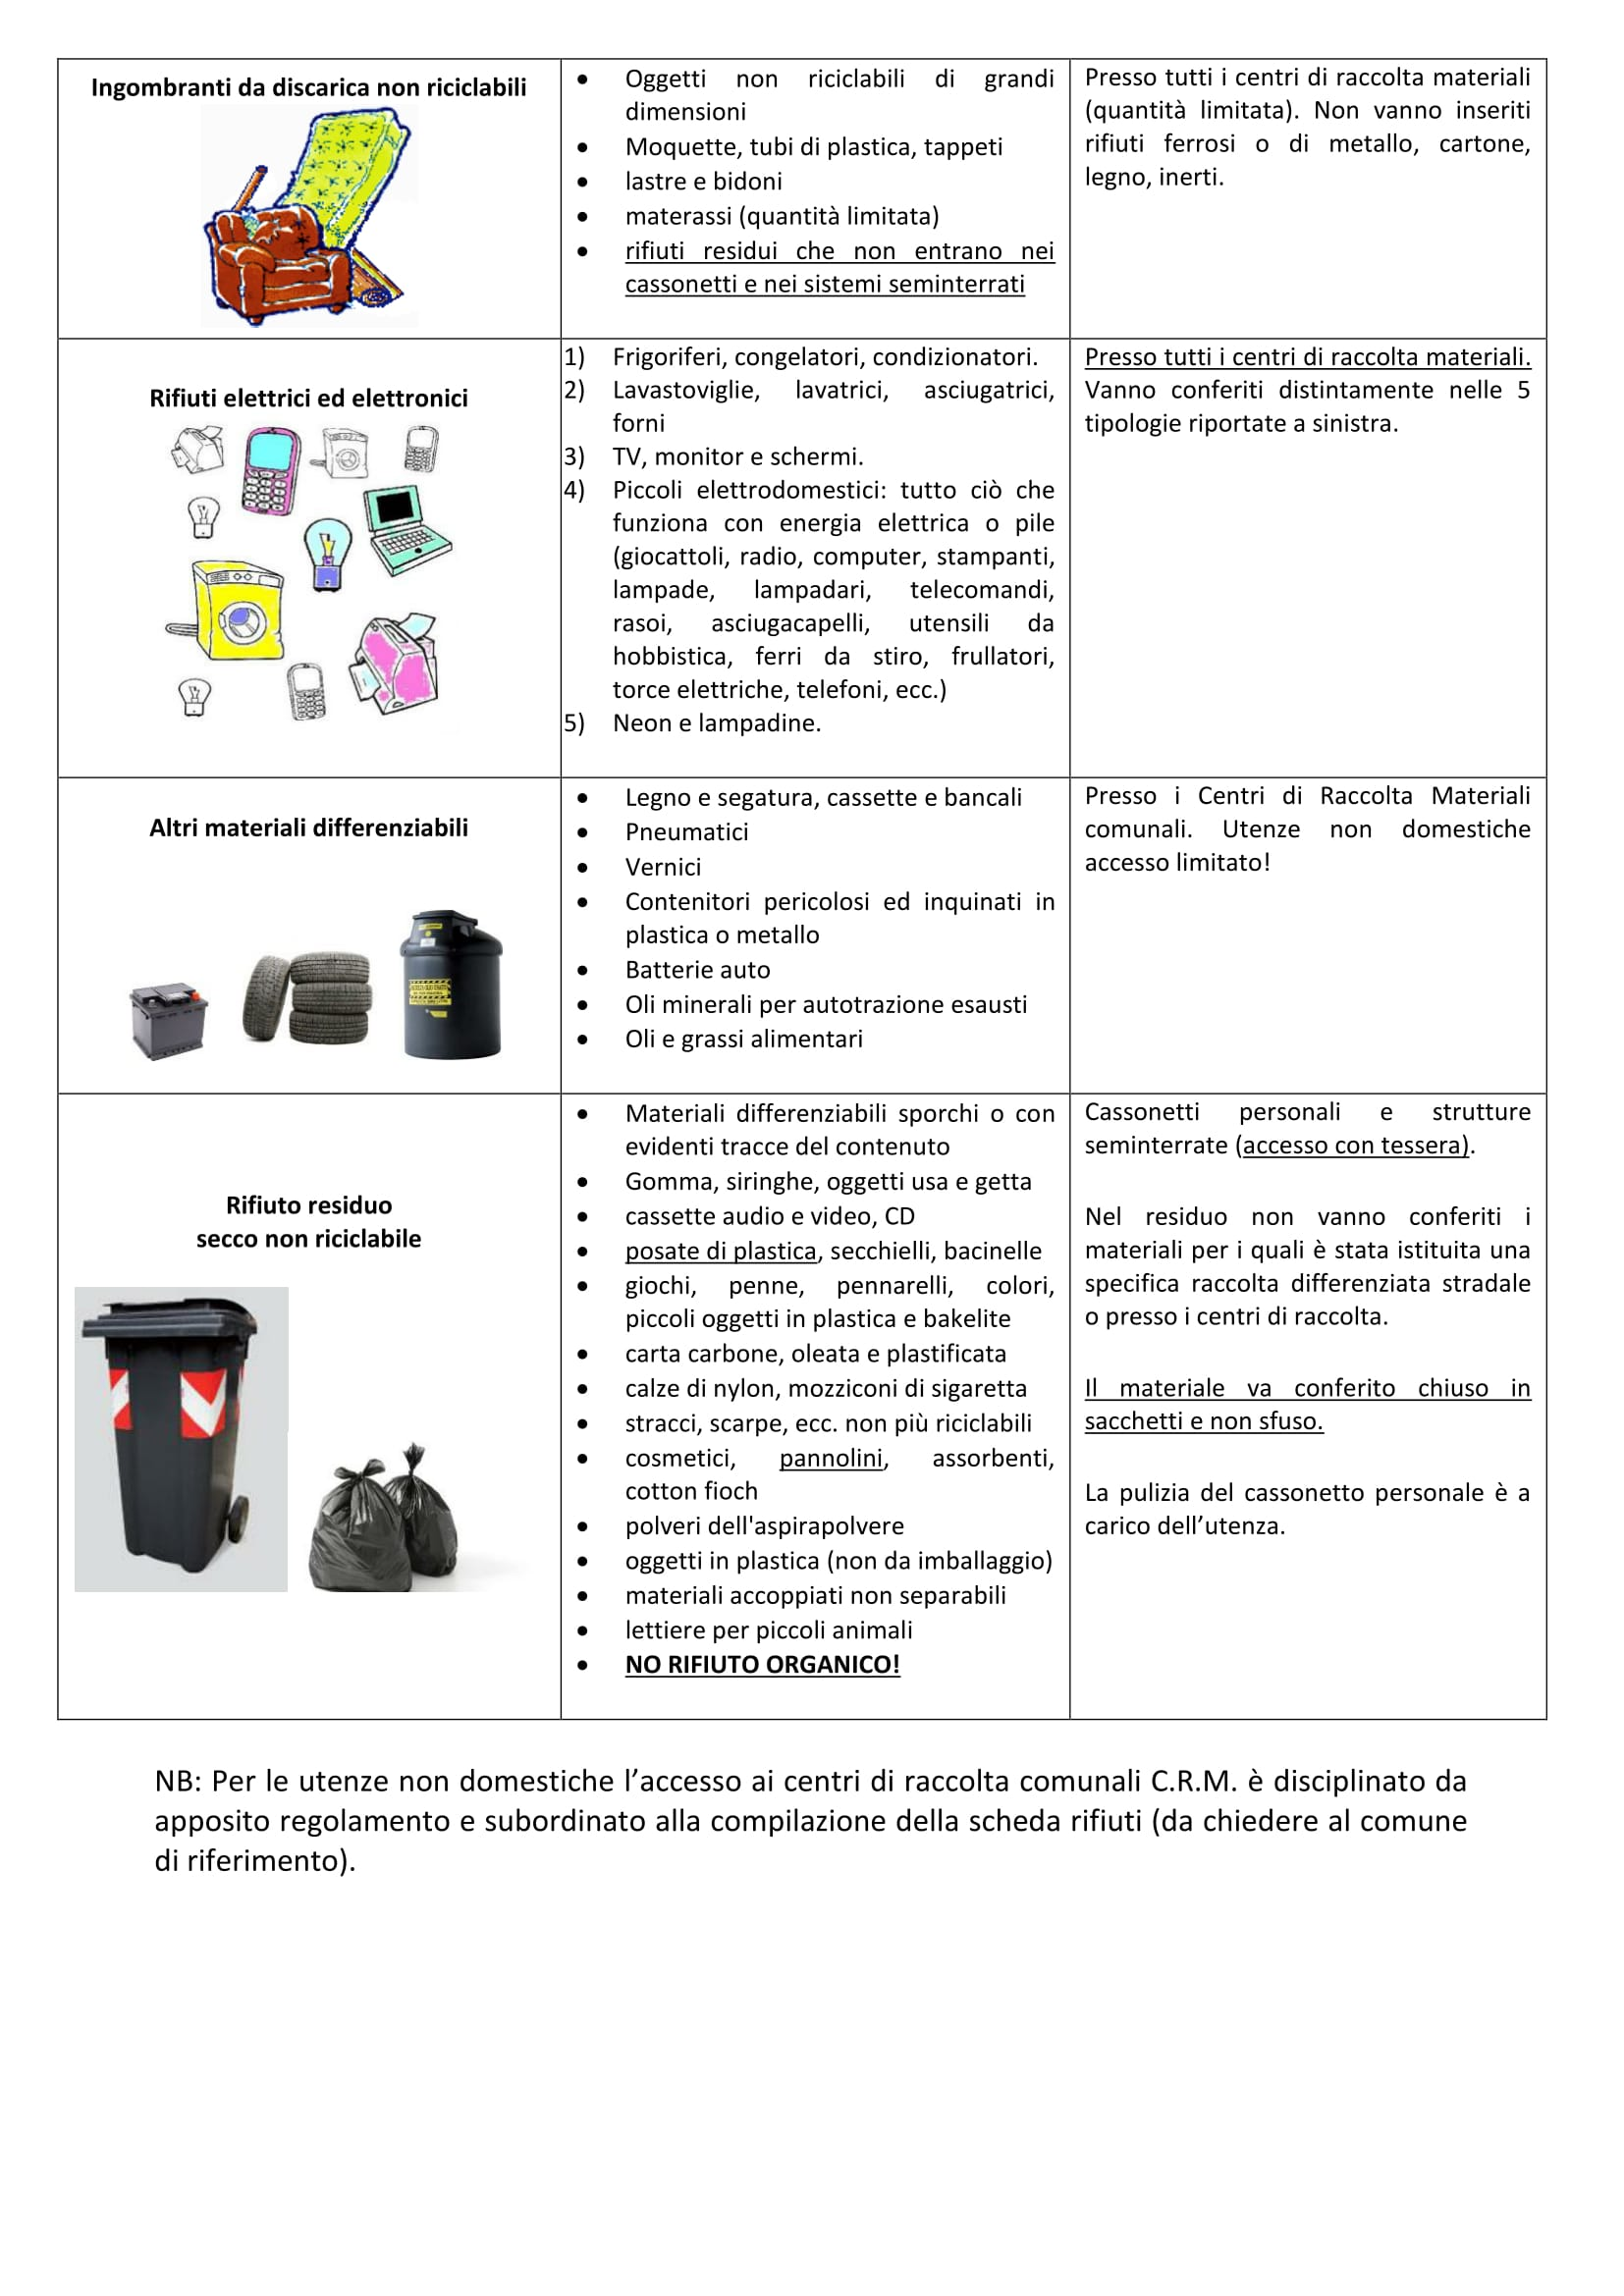 terza pagina del documento sui materiali conferibili